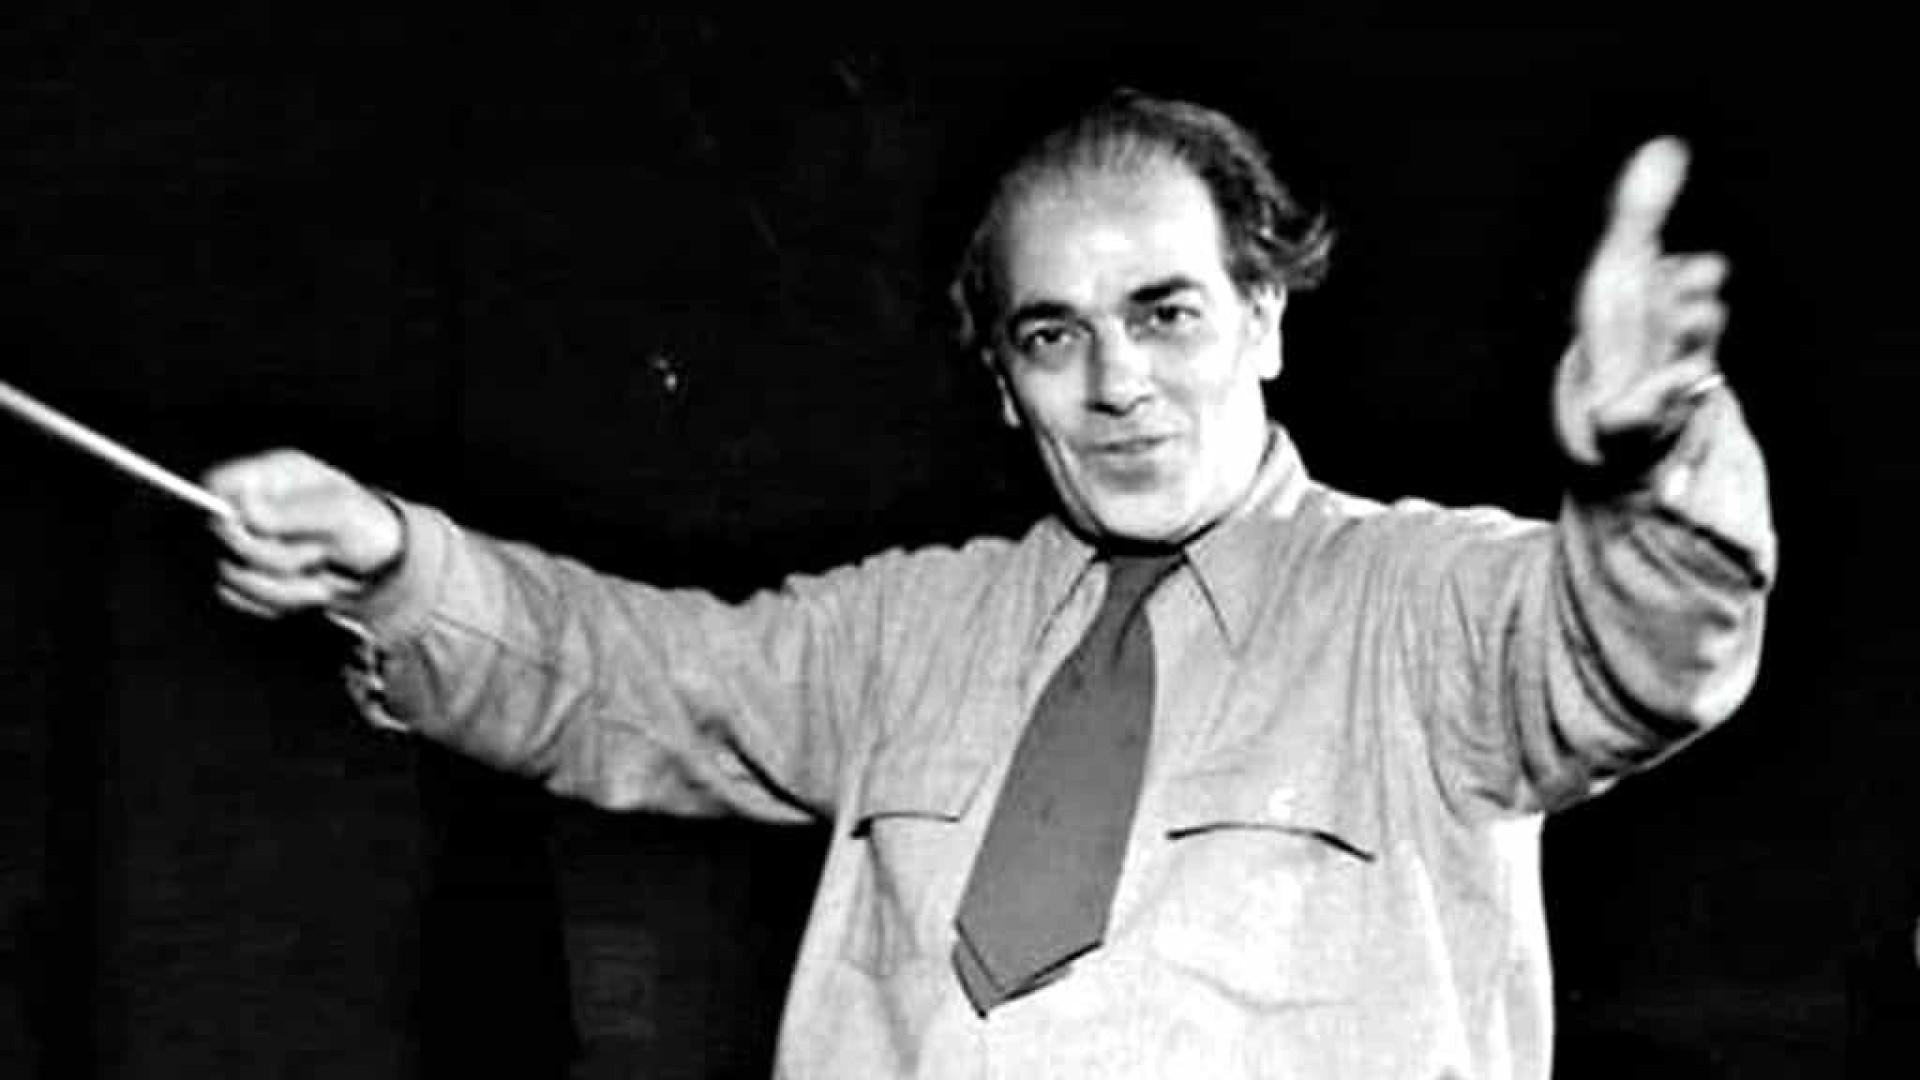 Dia Nacional da Música Clássica celebra o legado de Villa-Lobos